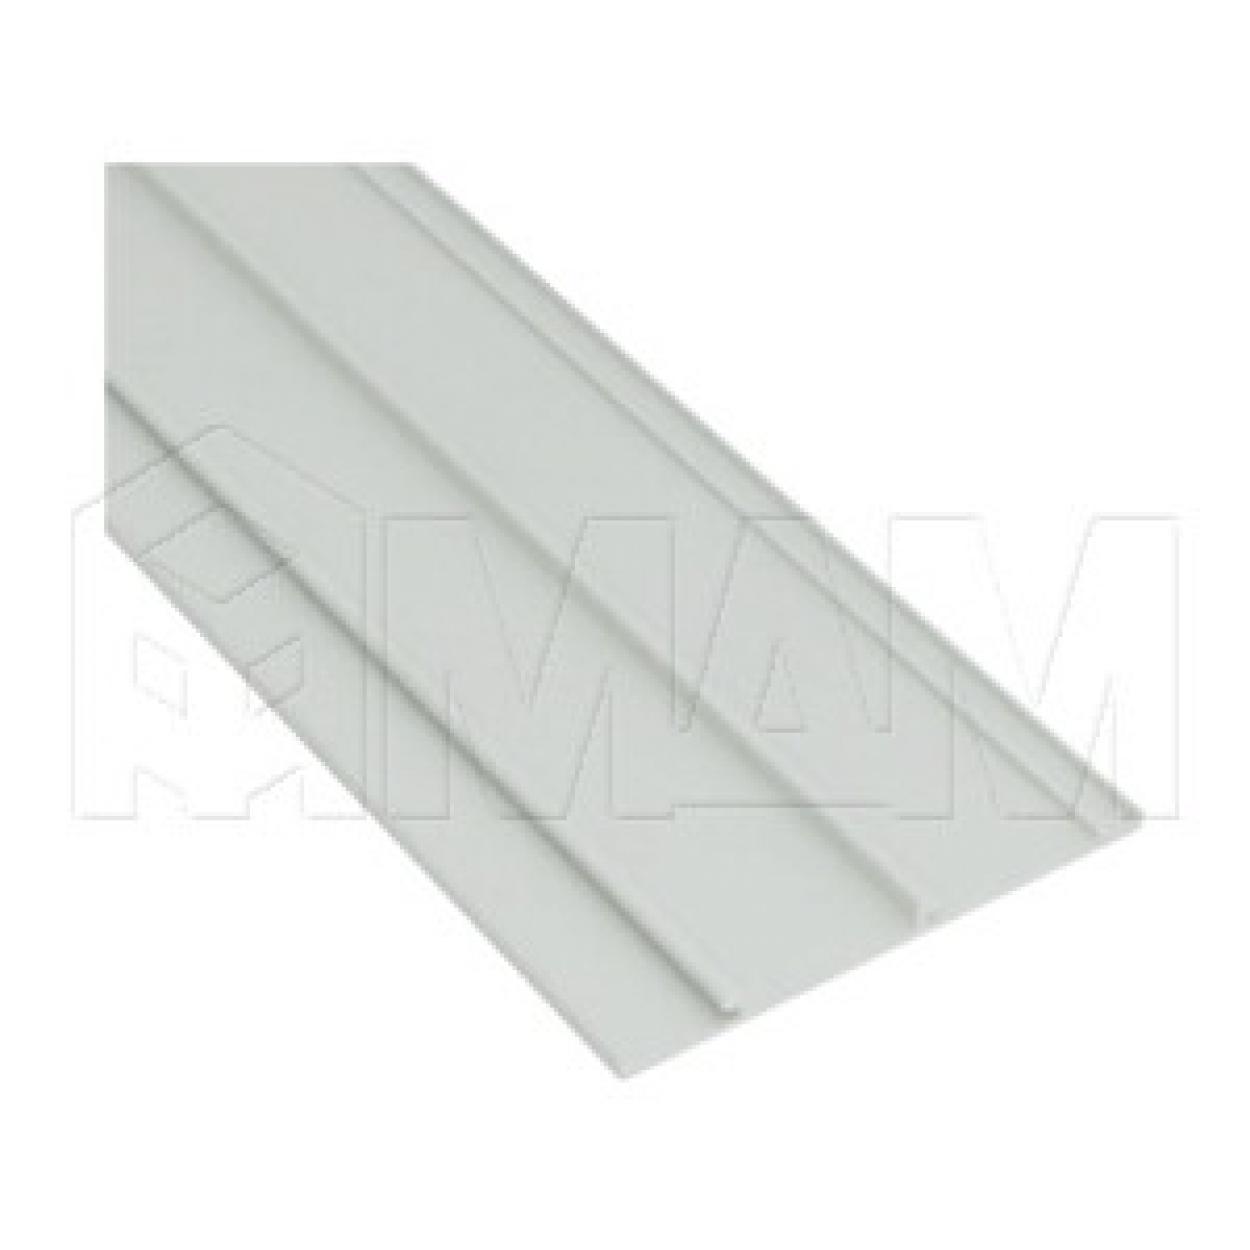 STANDART Декоративная планка, серебро, L-3000